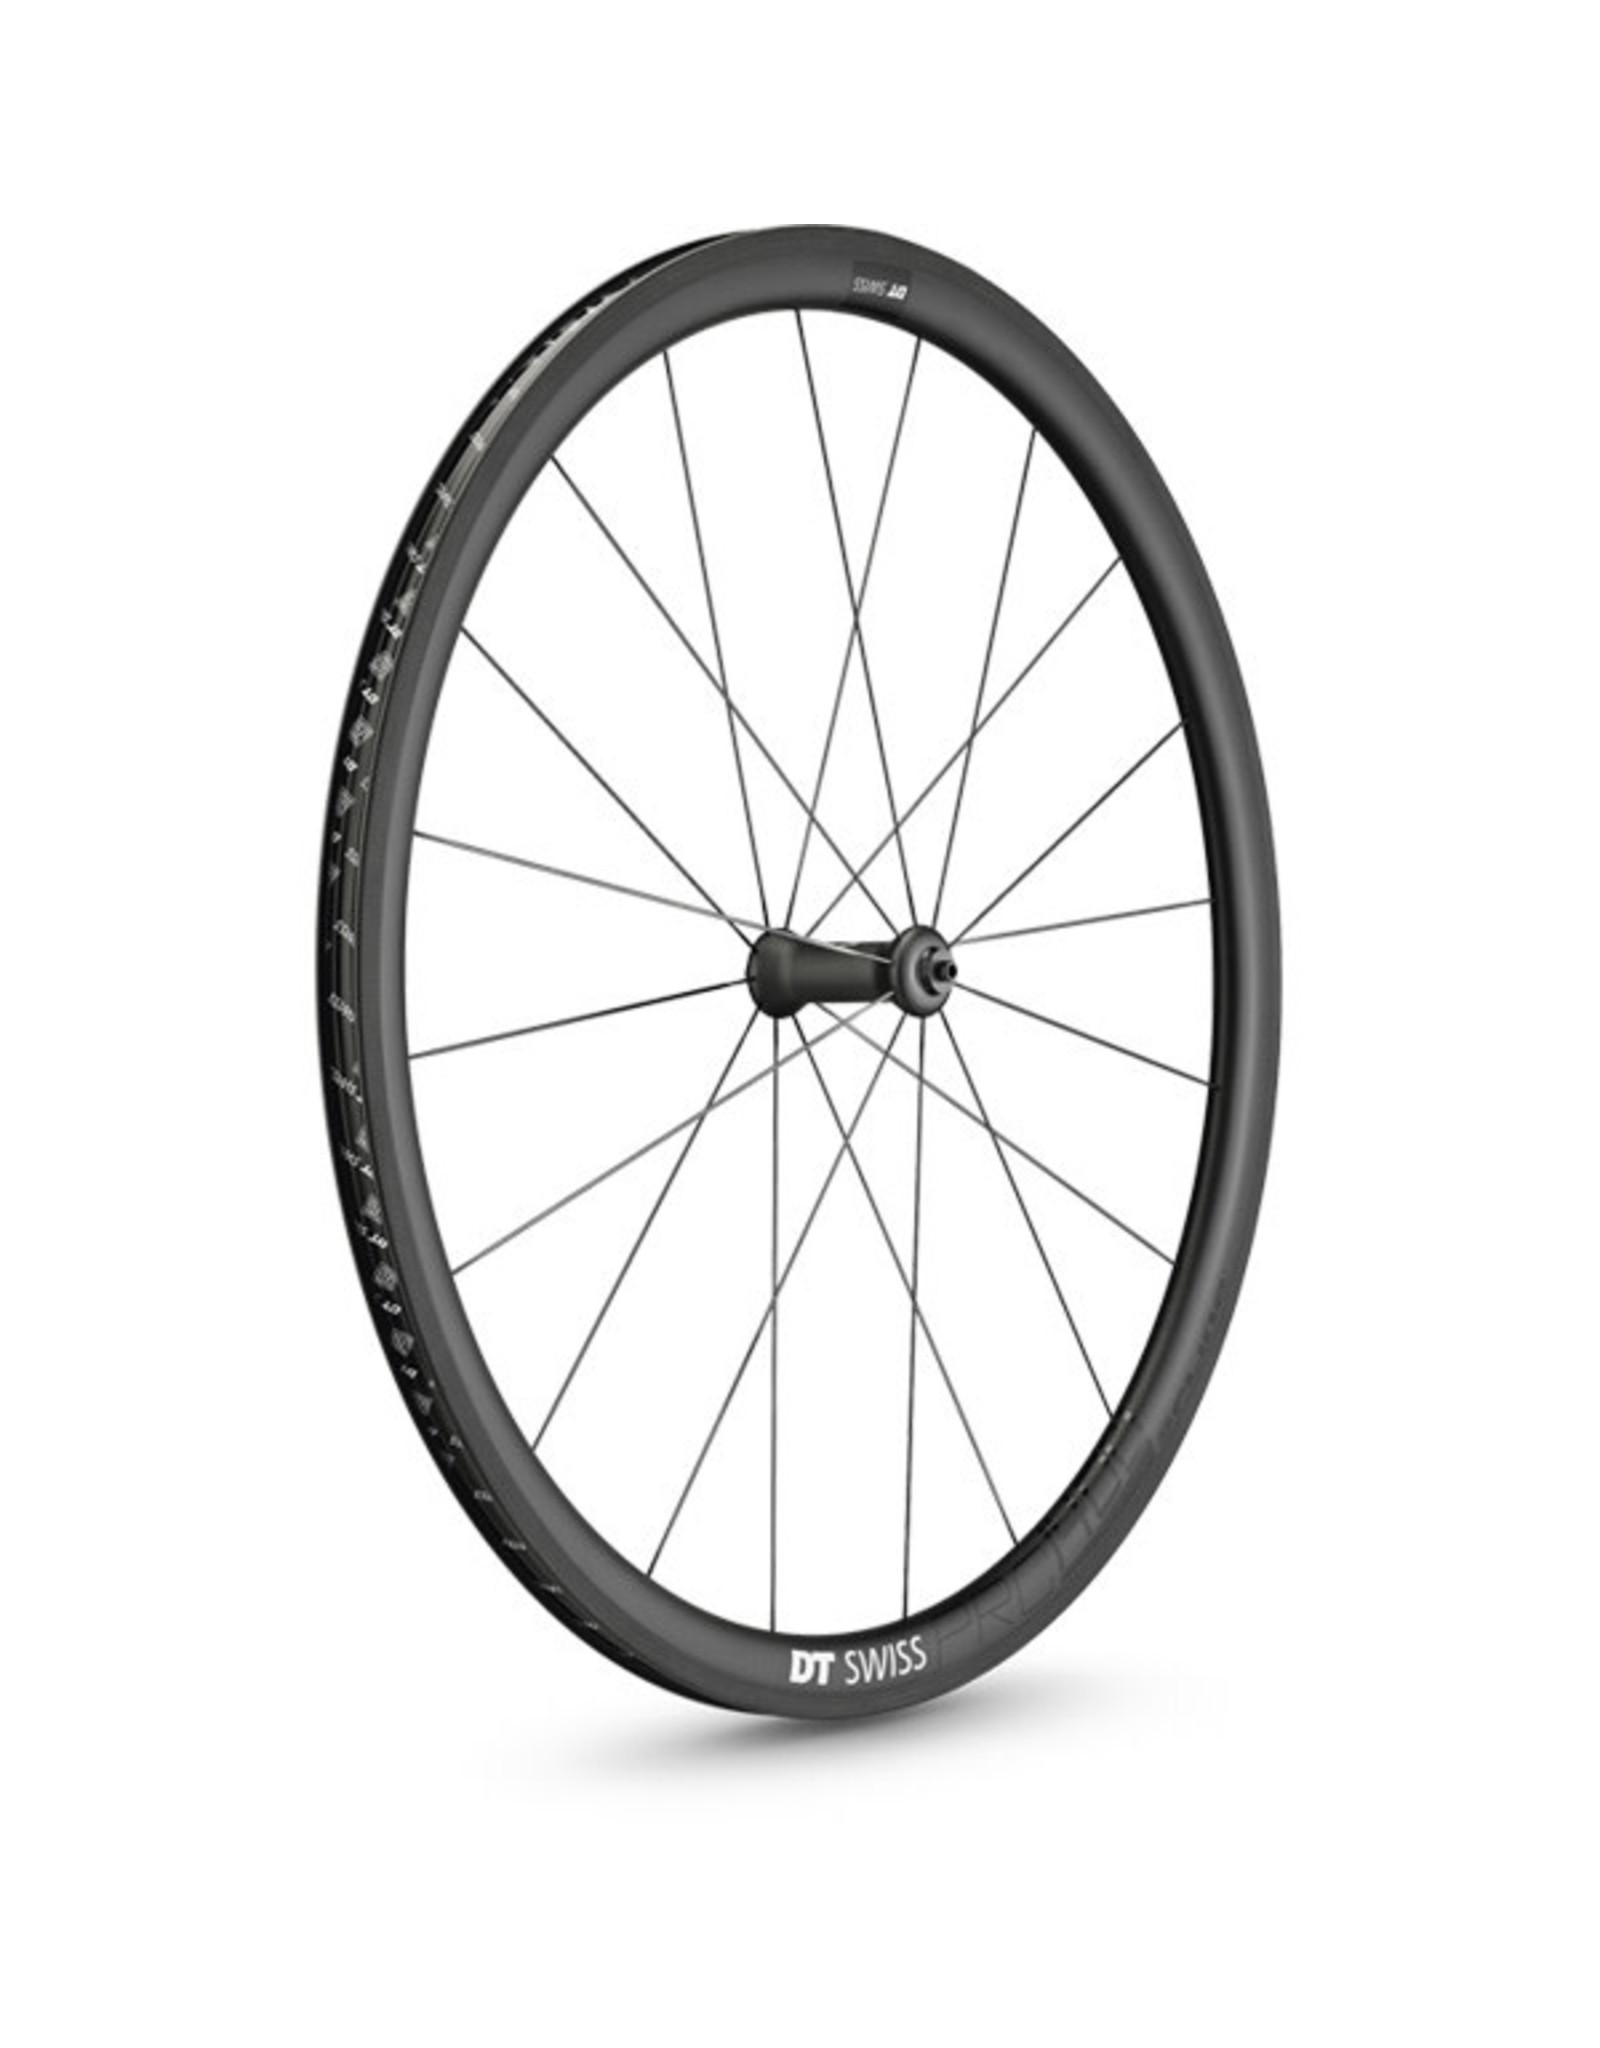 DT Swiss Wheel PRC1400 35mm